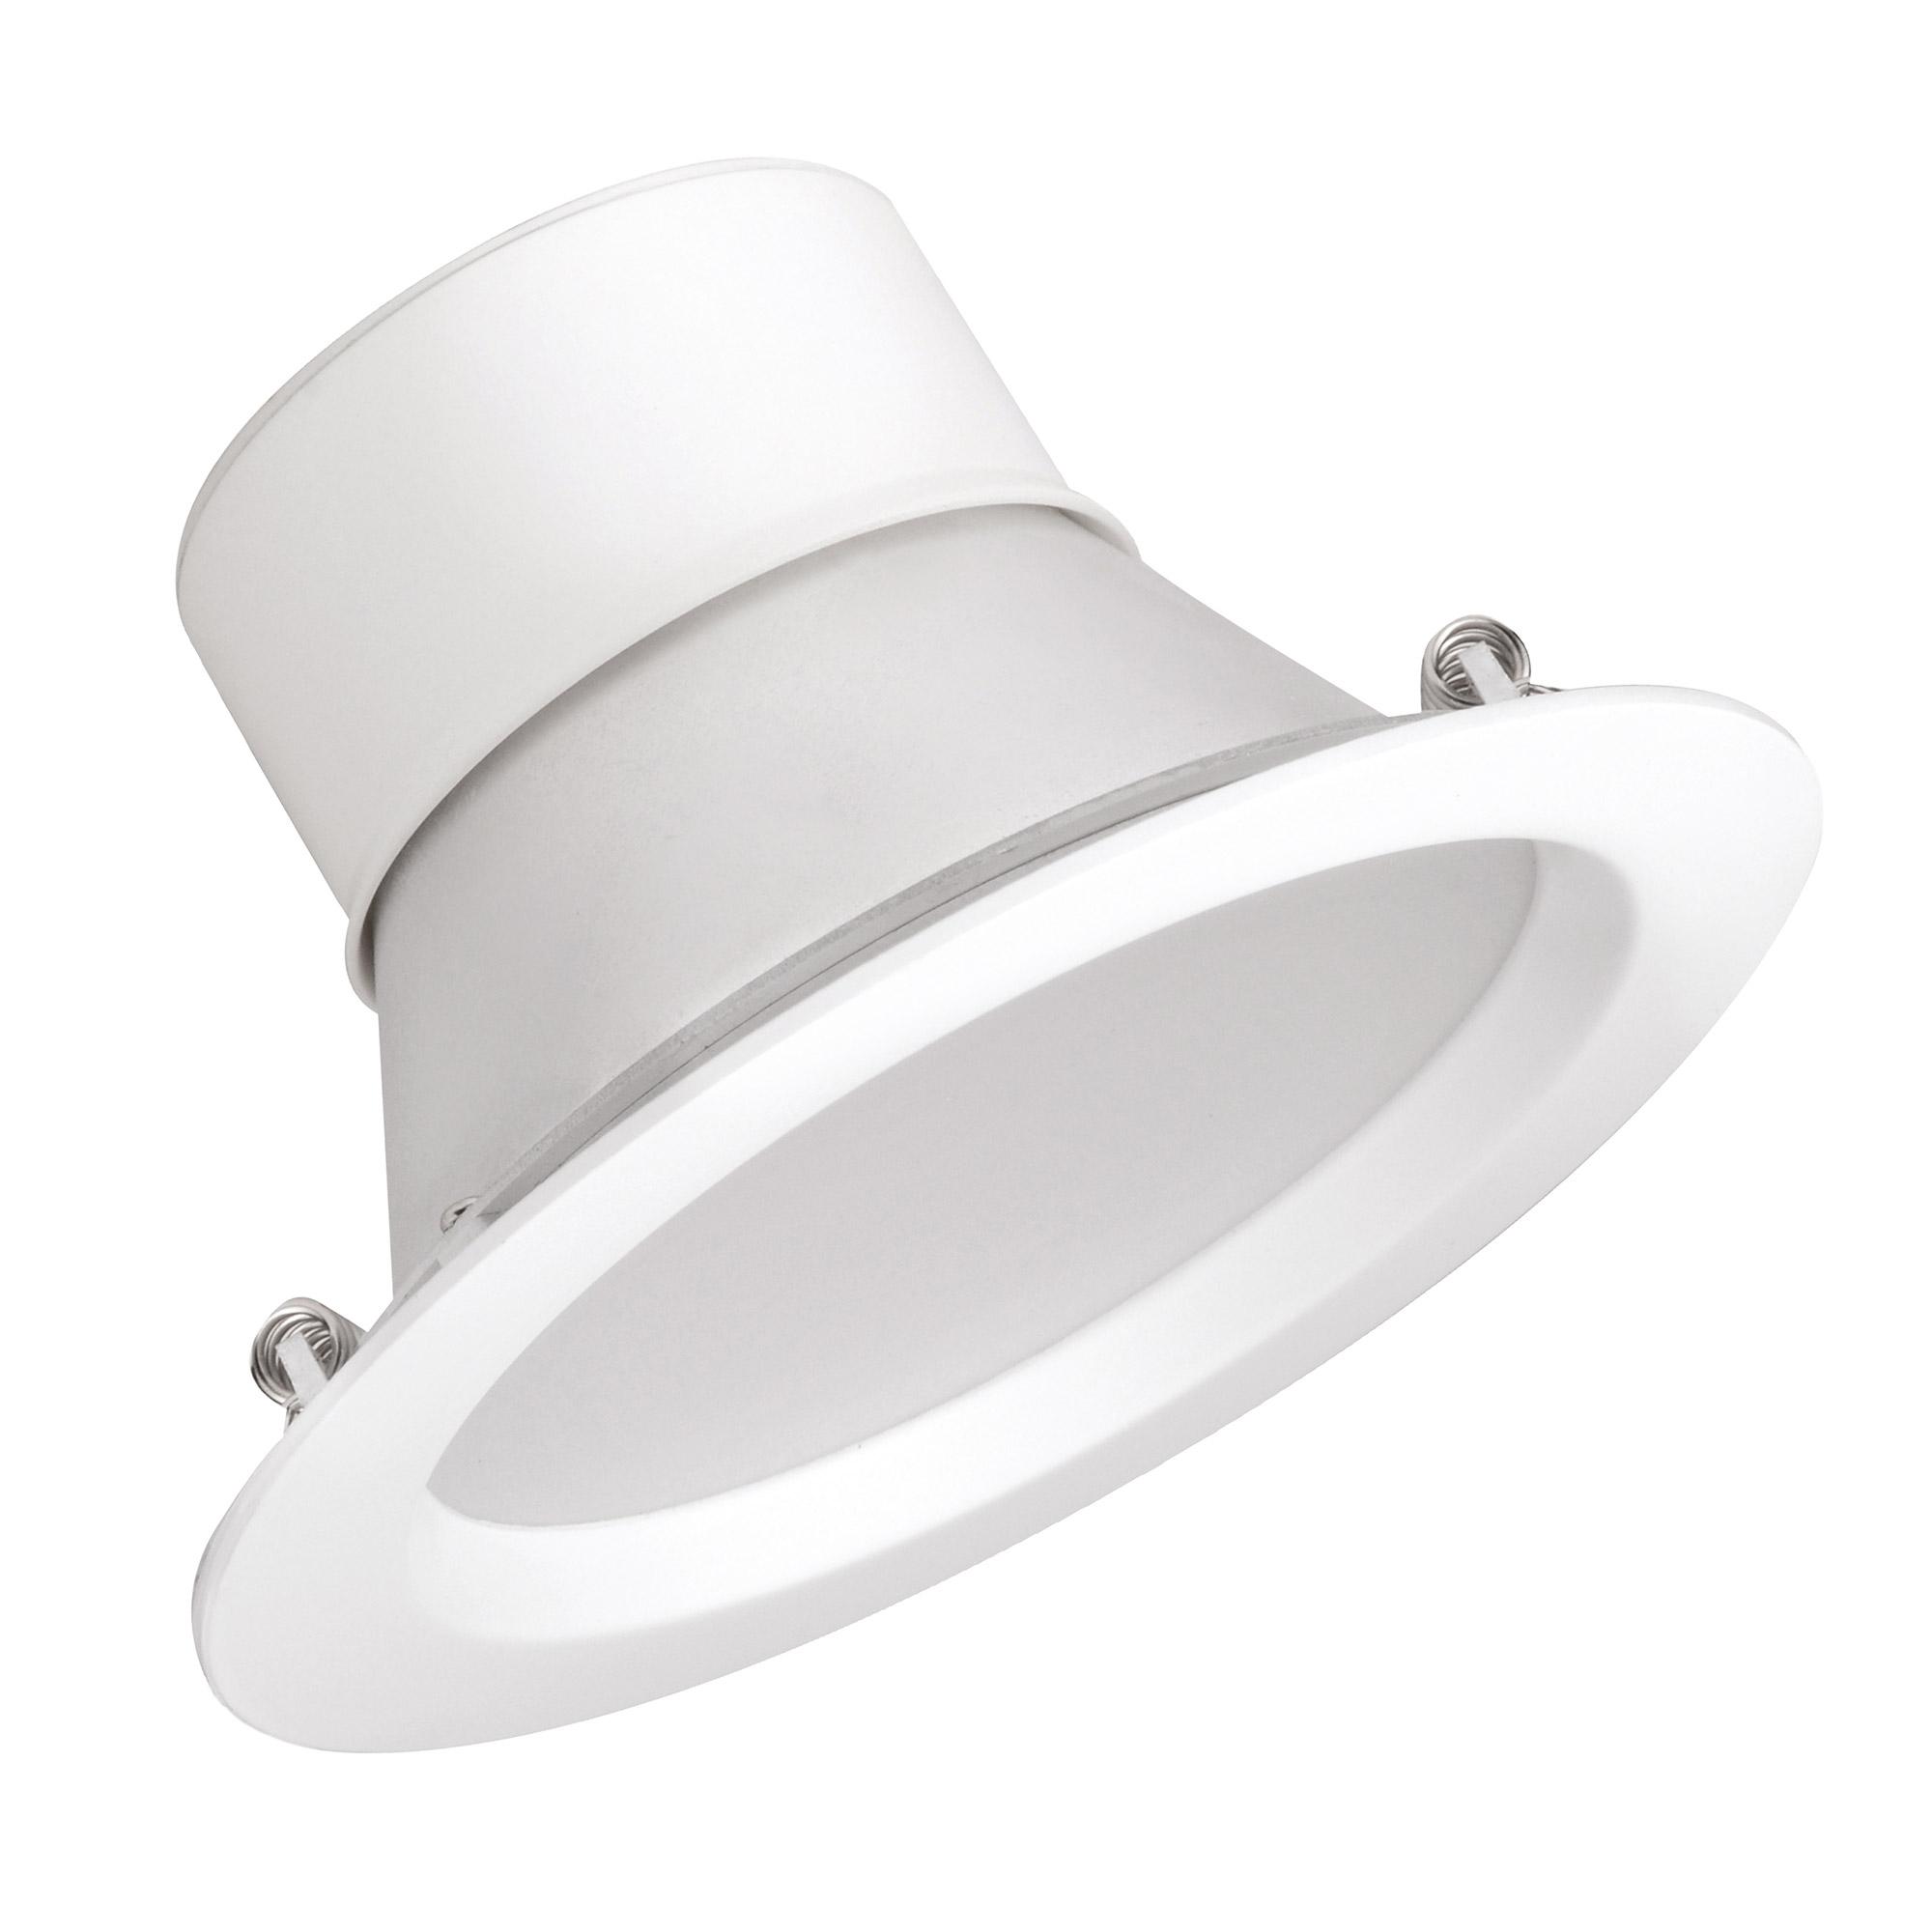 LED inbouwspot Groot 1560Lm